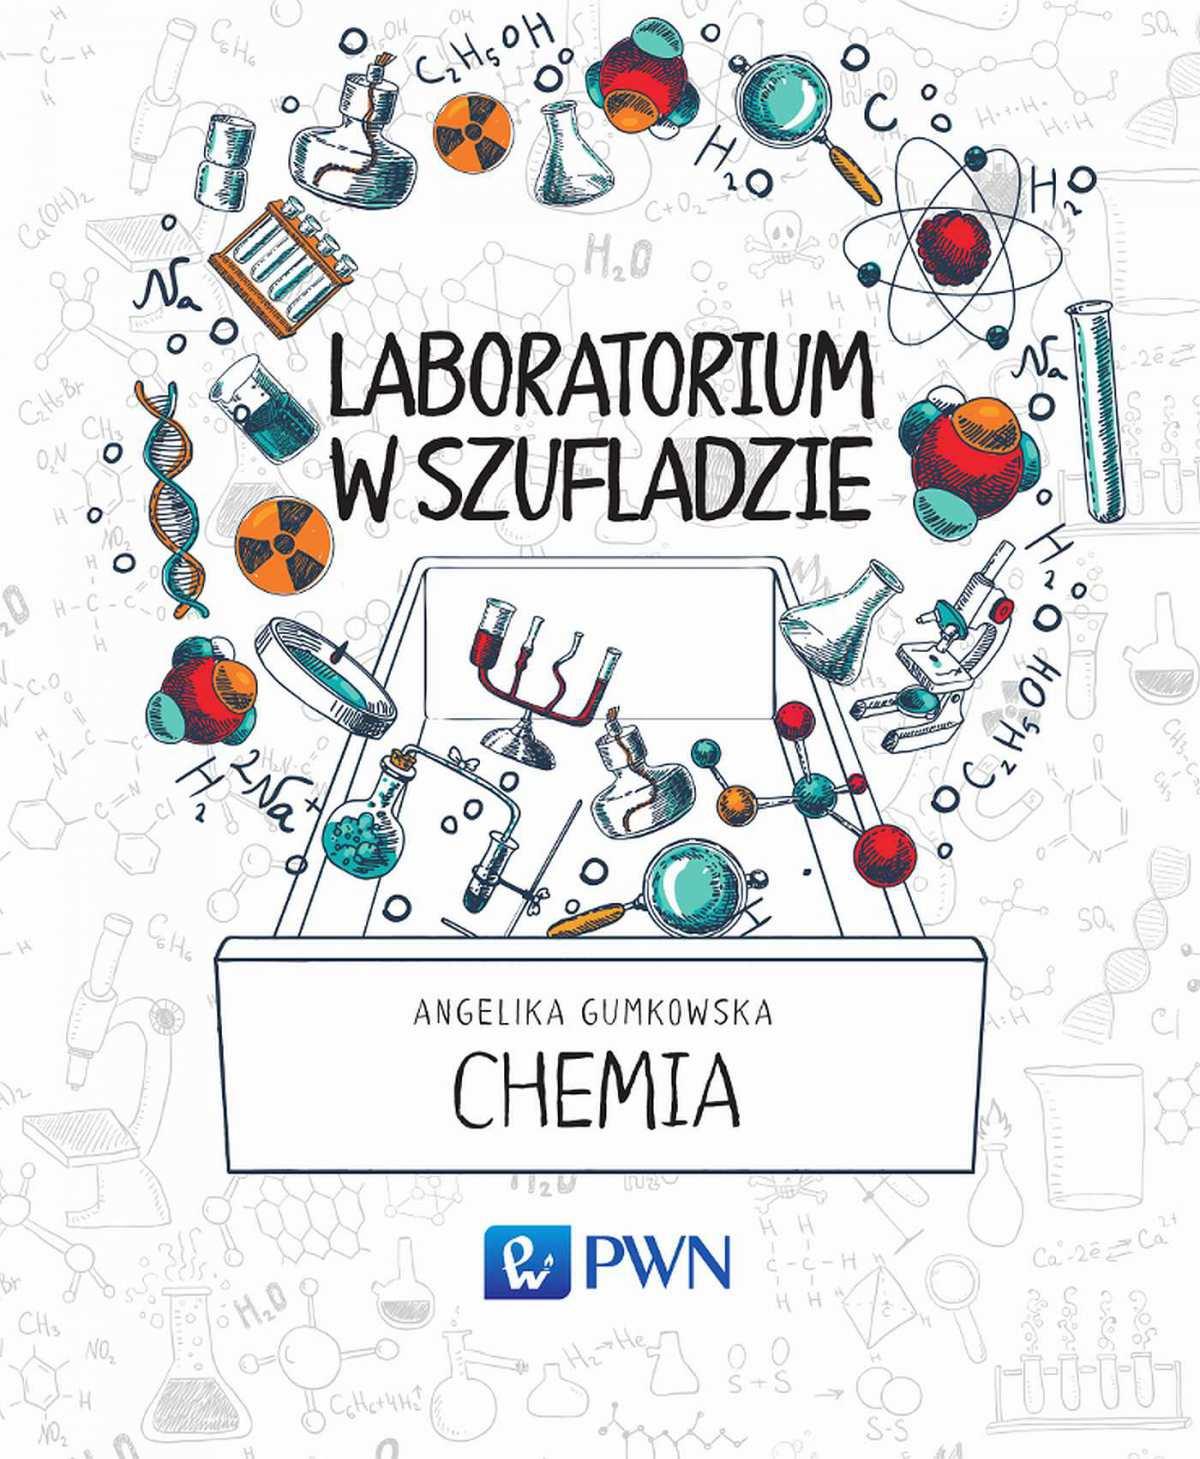 Laboratorium w szufladzie Chemia - Ebook (Książka EPUB) do pobrania w formacie EPUB